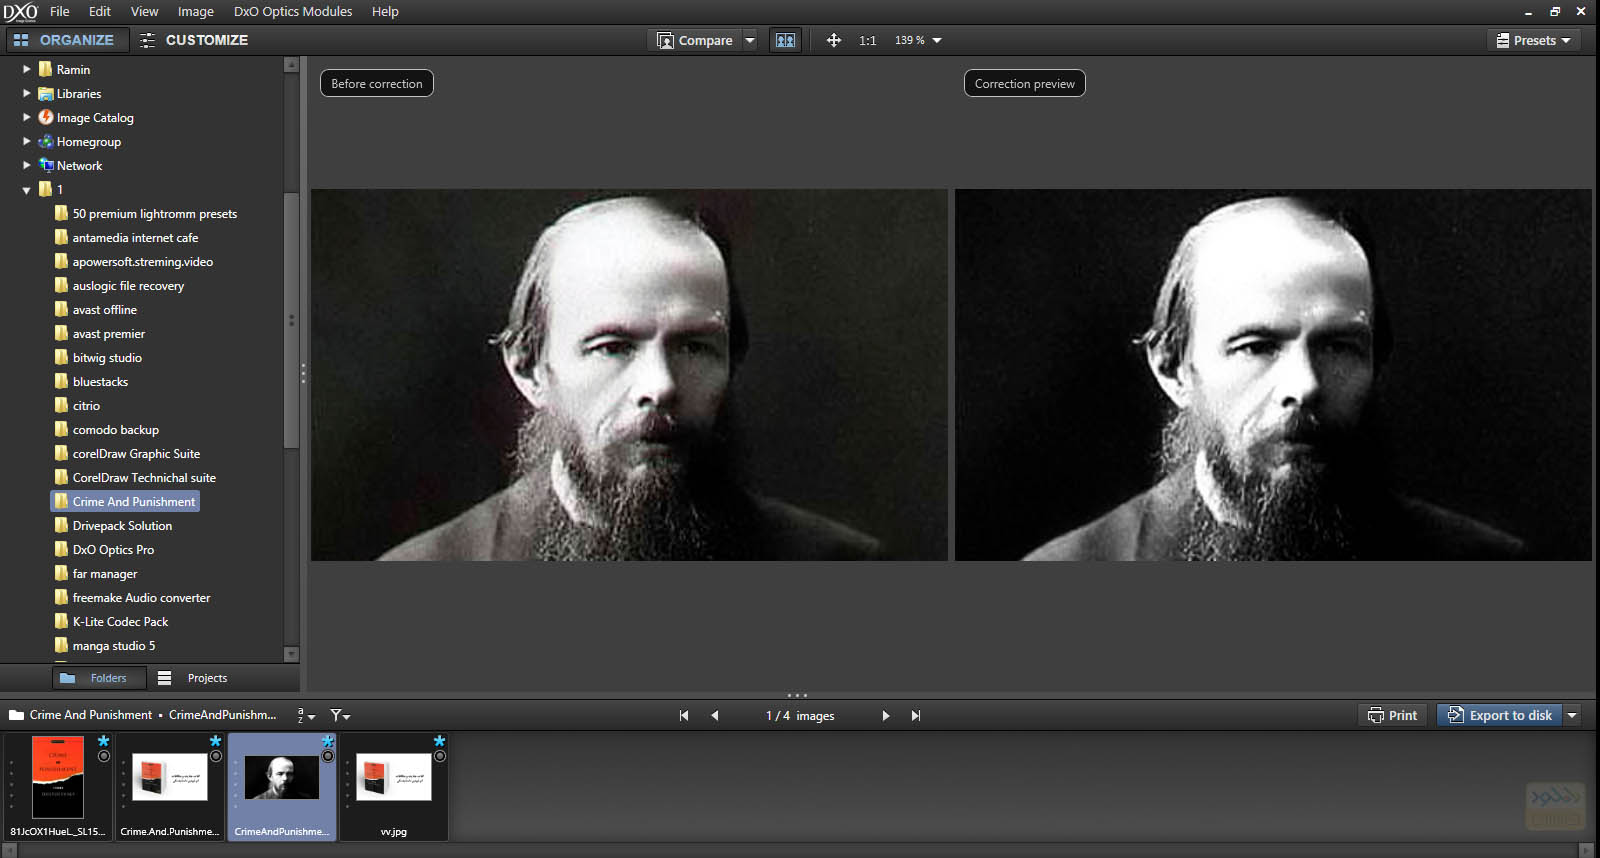 دانلود نرم افزار DxO Optics Pro رتوش و ویرایش عکس